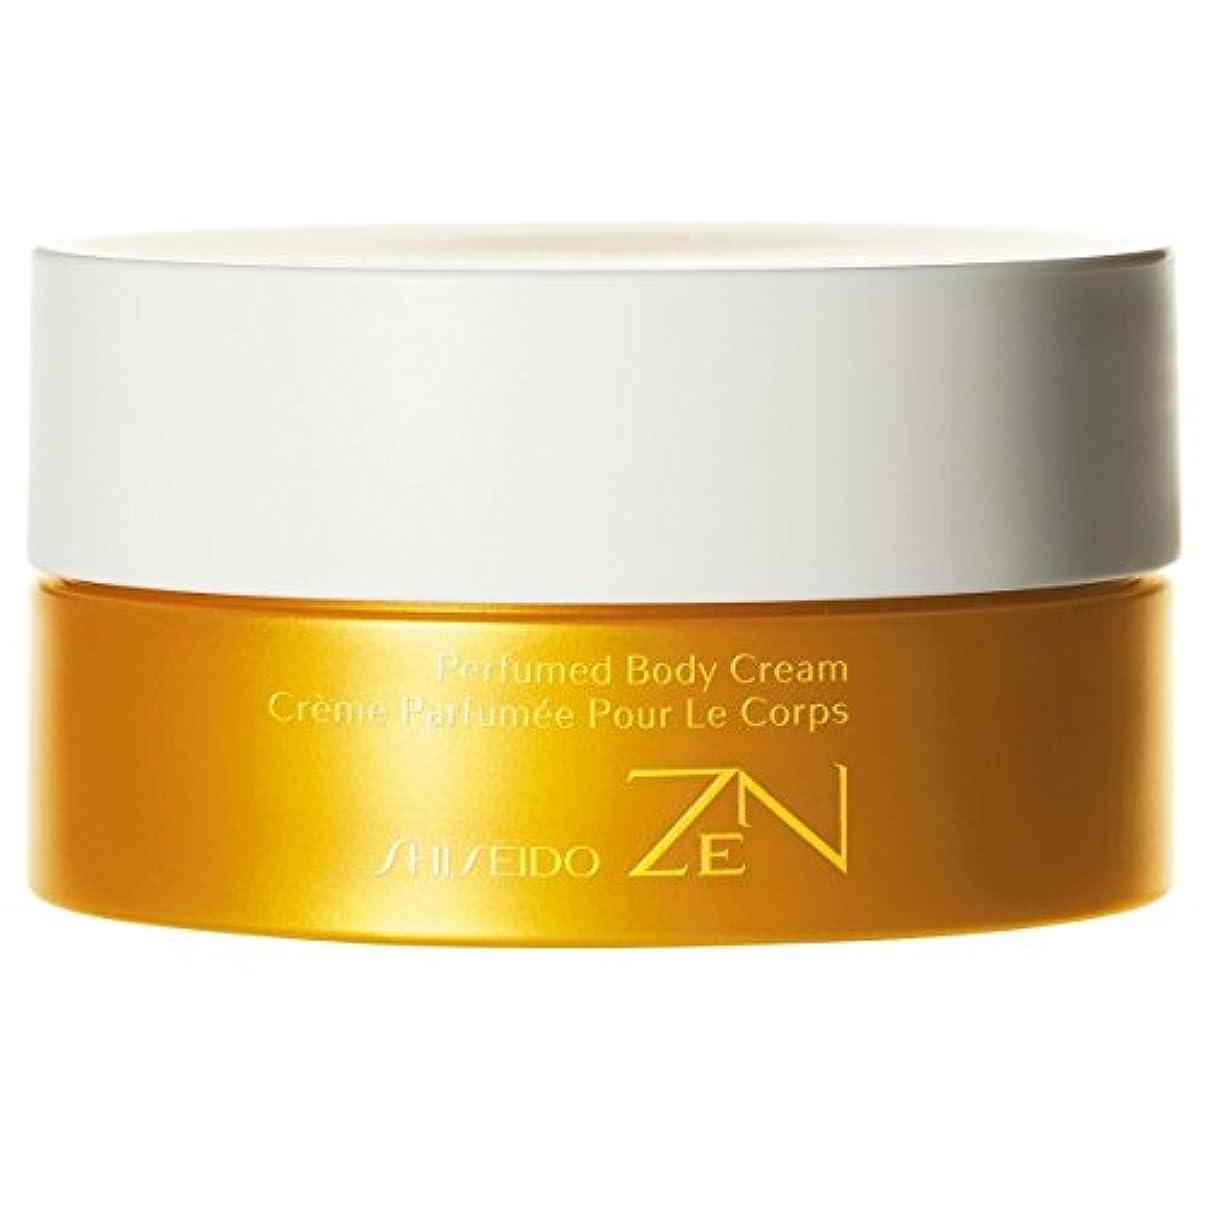 近傍フロンティアマークされた[Shiseido ] 資生堂禅香りのボディクリーム200ミリリットル - Shiseido Zen Perfumed Body Cream 200ml [並行輸入品]